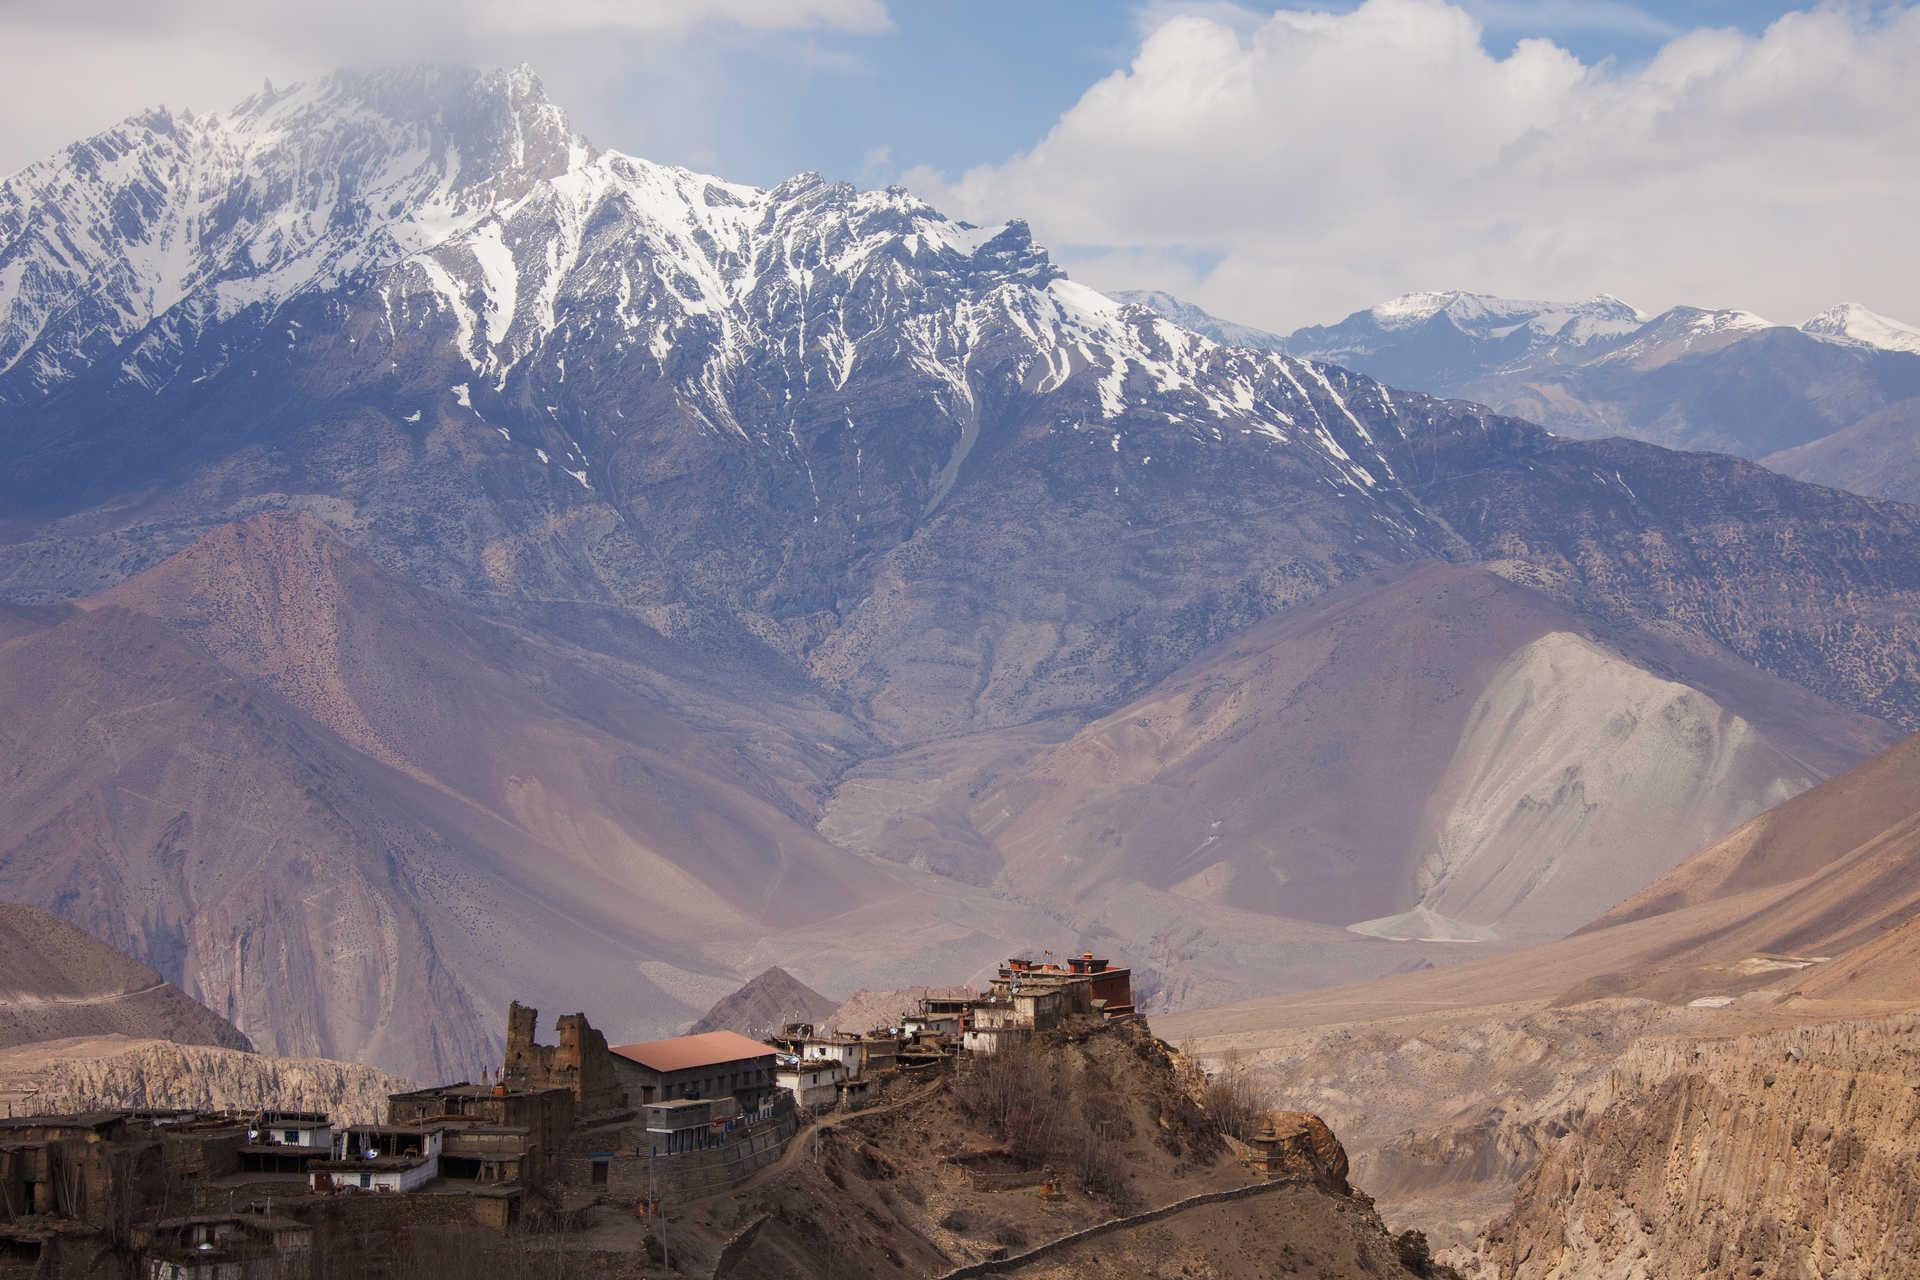 High village in Bhutan